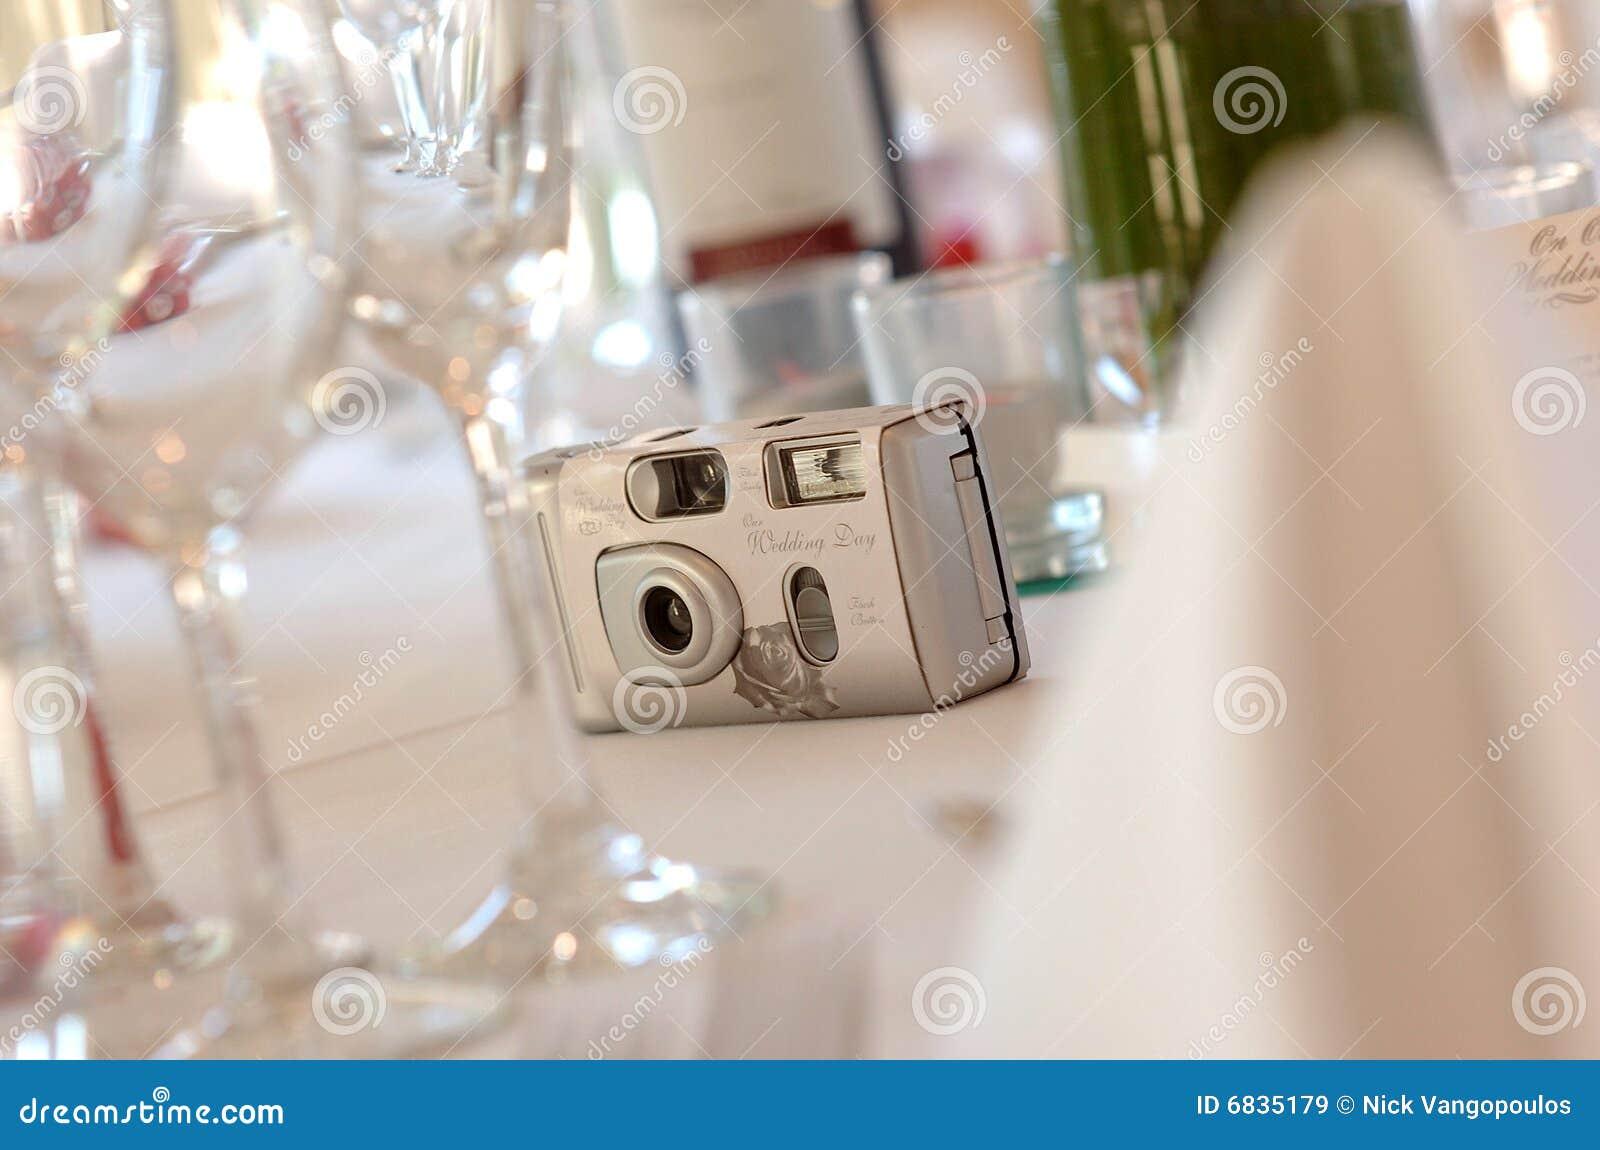 Wedding Disposable Cameras Wedding Photography